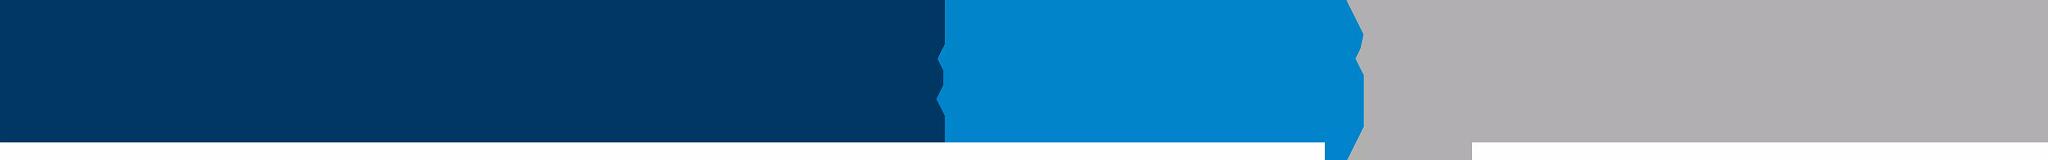 Cengage blog logo